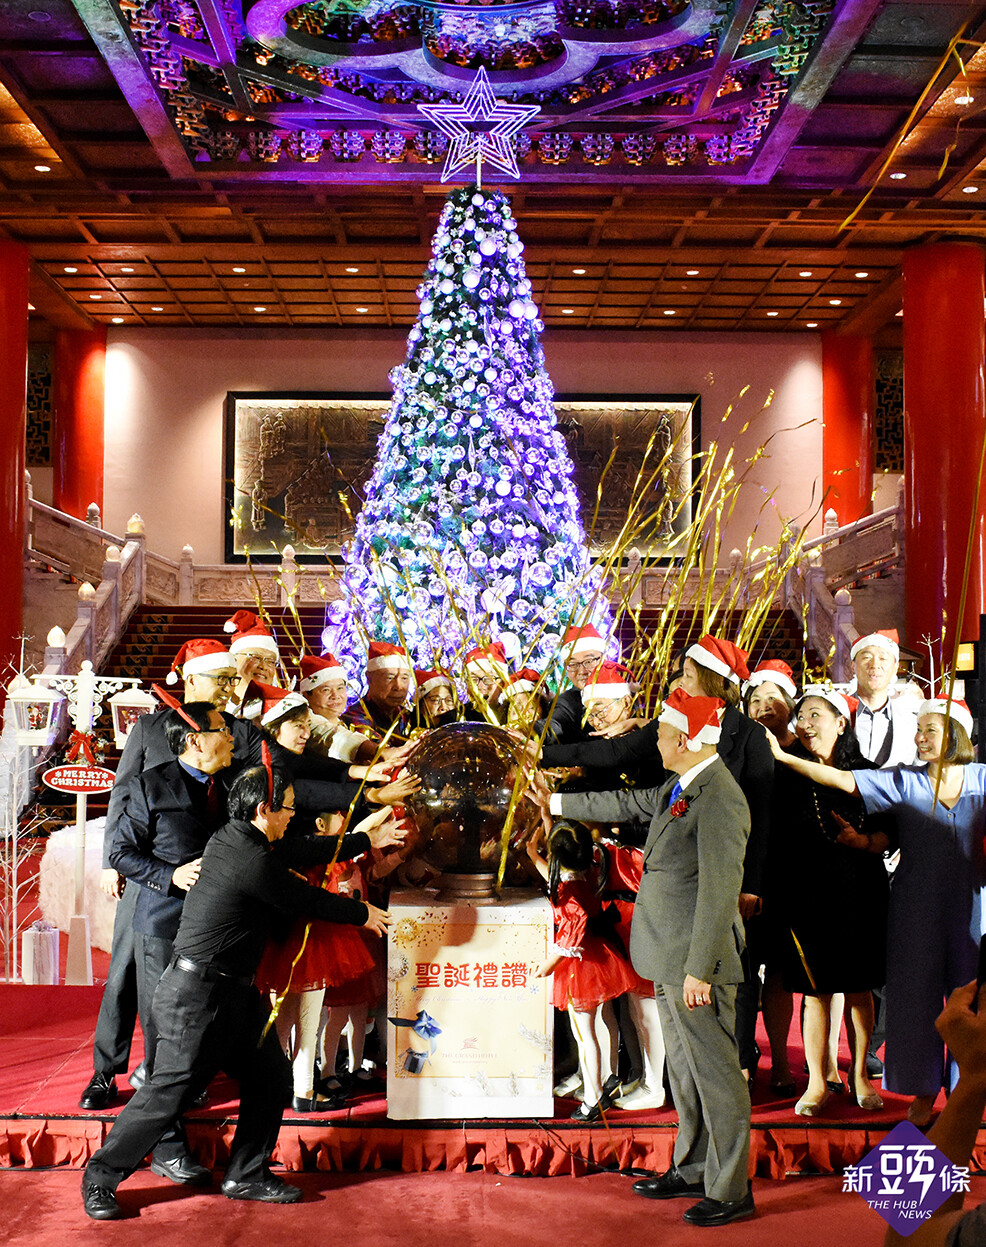 圓山聖誕點燈 熱鬧音樂季現正展開